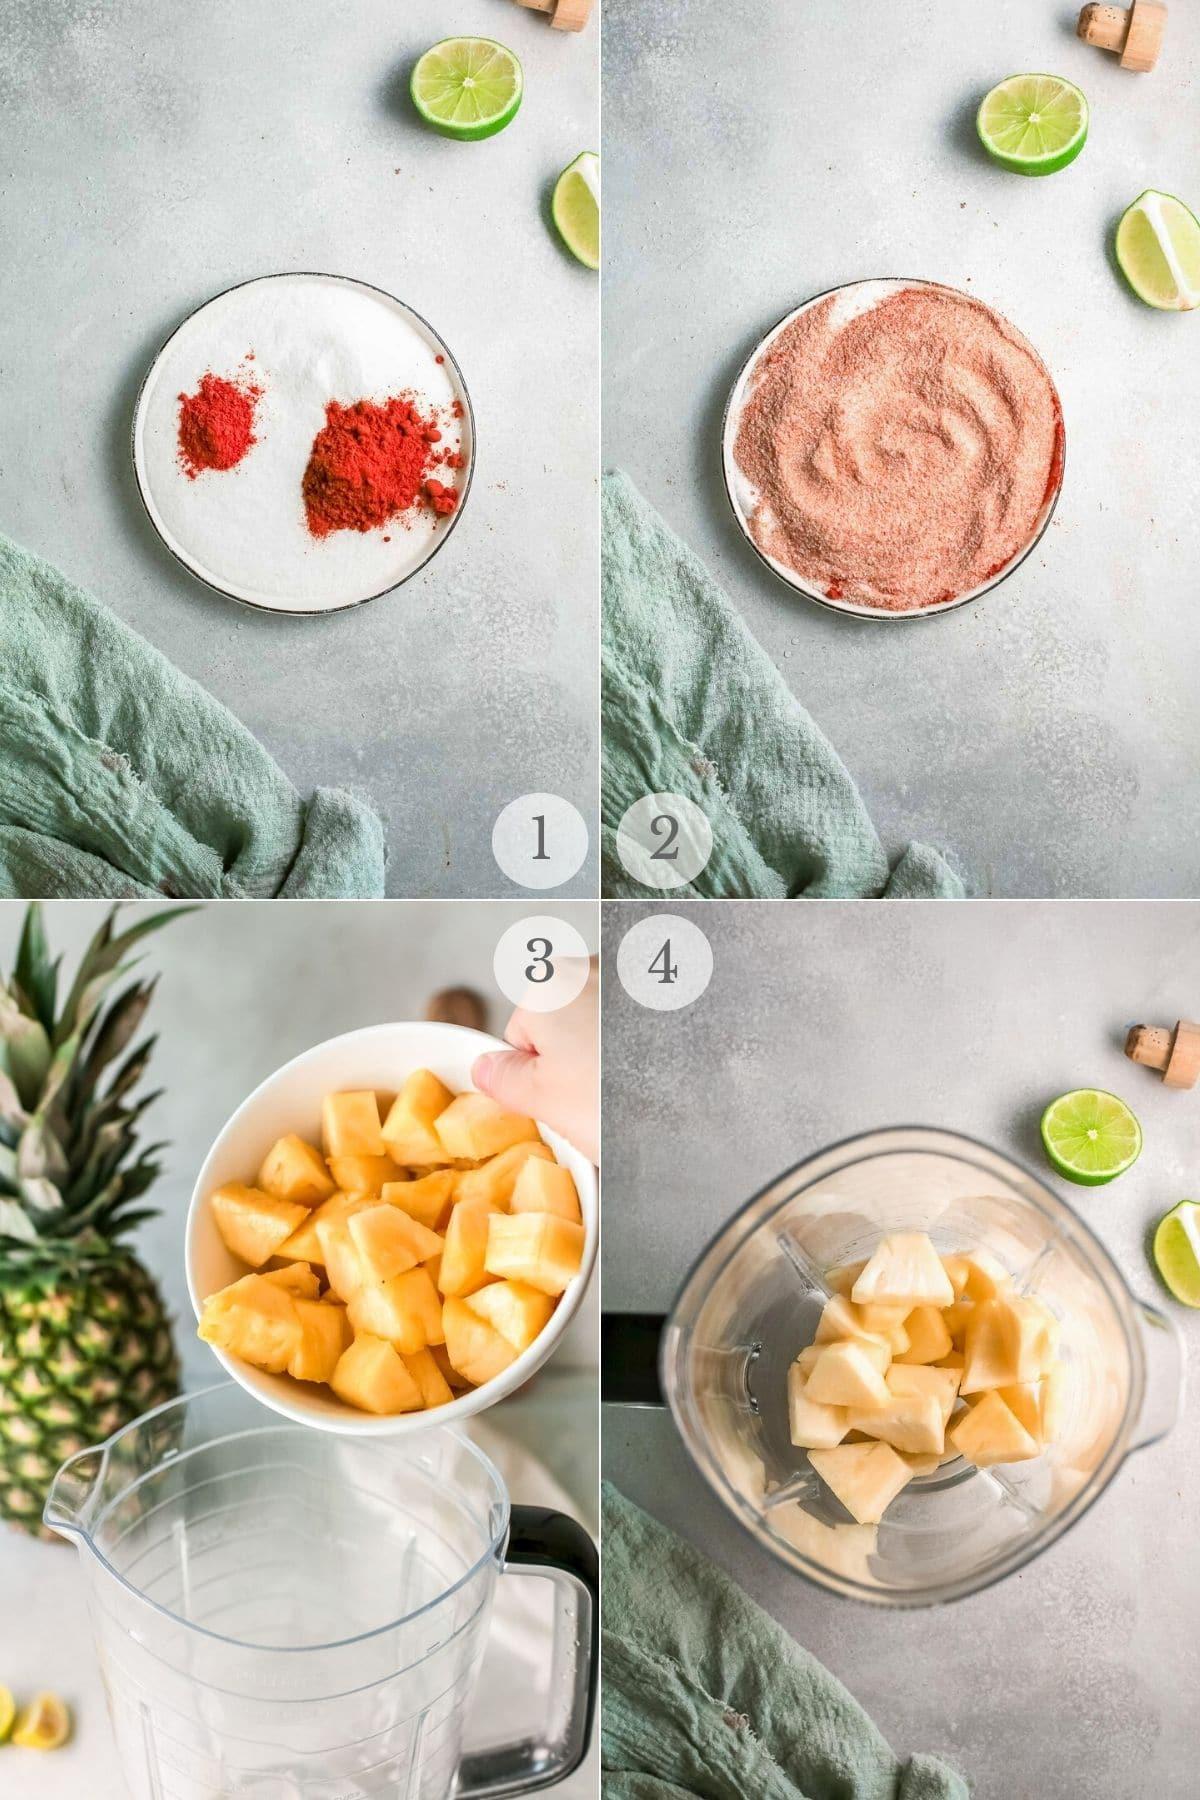 frozen pineapple margaritas recipes steps 1-4